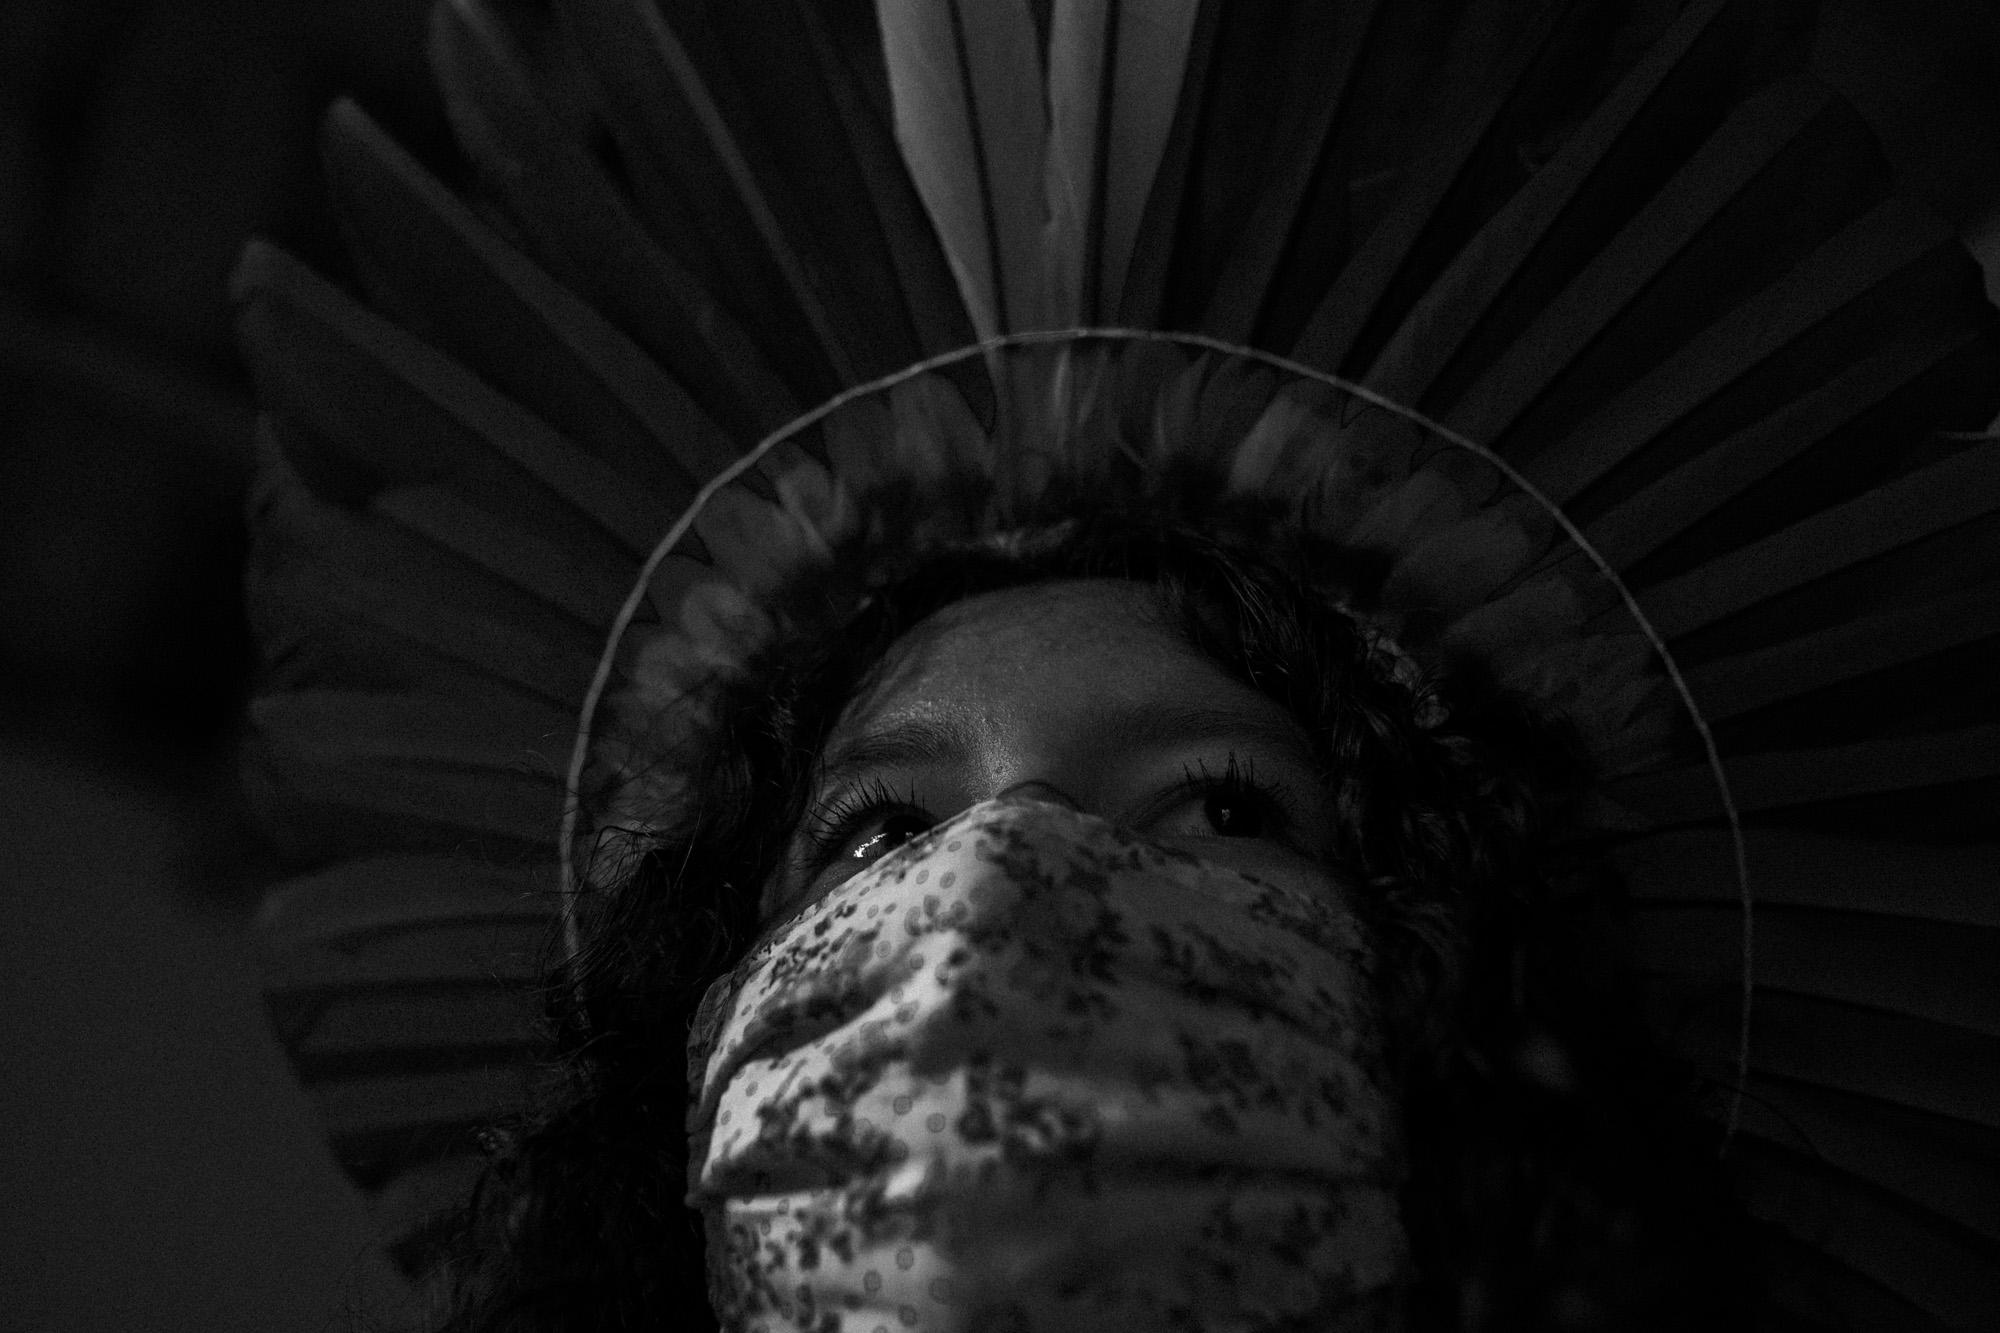 Hym'ba Sateré Mawé, da Associação de Mulheres Artesãs Sateré-Mawé, confecciona máscaras em Manaus: indígenas em áreas urbanas sem apoio (Foto: Raphael Alves/Ensaio Insulae/Amazônia Real)